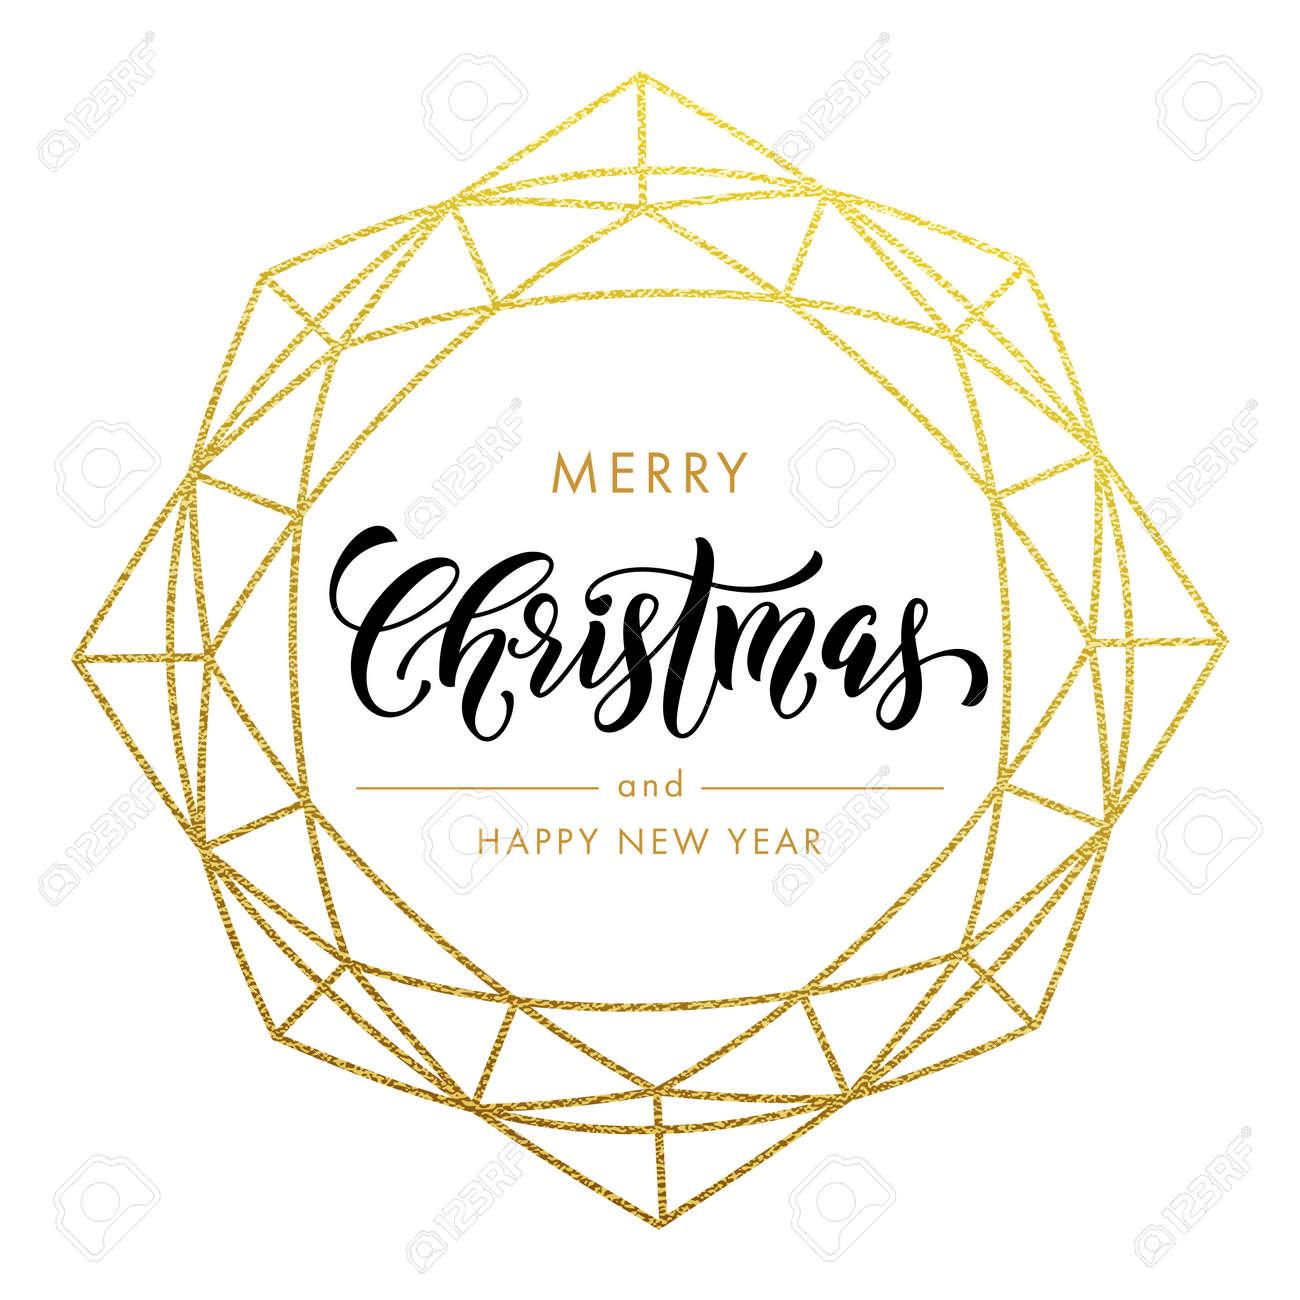 Feliz Navidad, Feliz Año Nuevo Brillo Del Oro Guirnalda, Tendencia ...